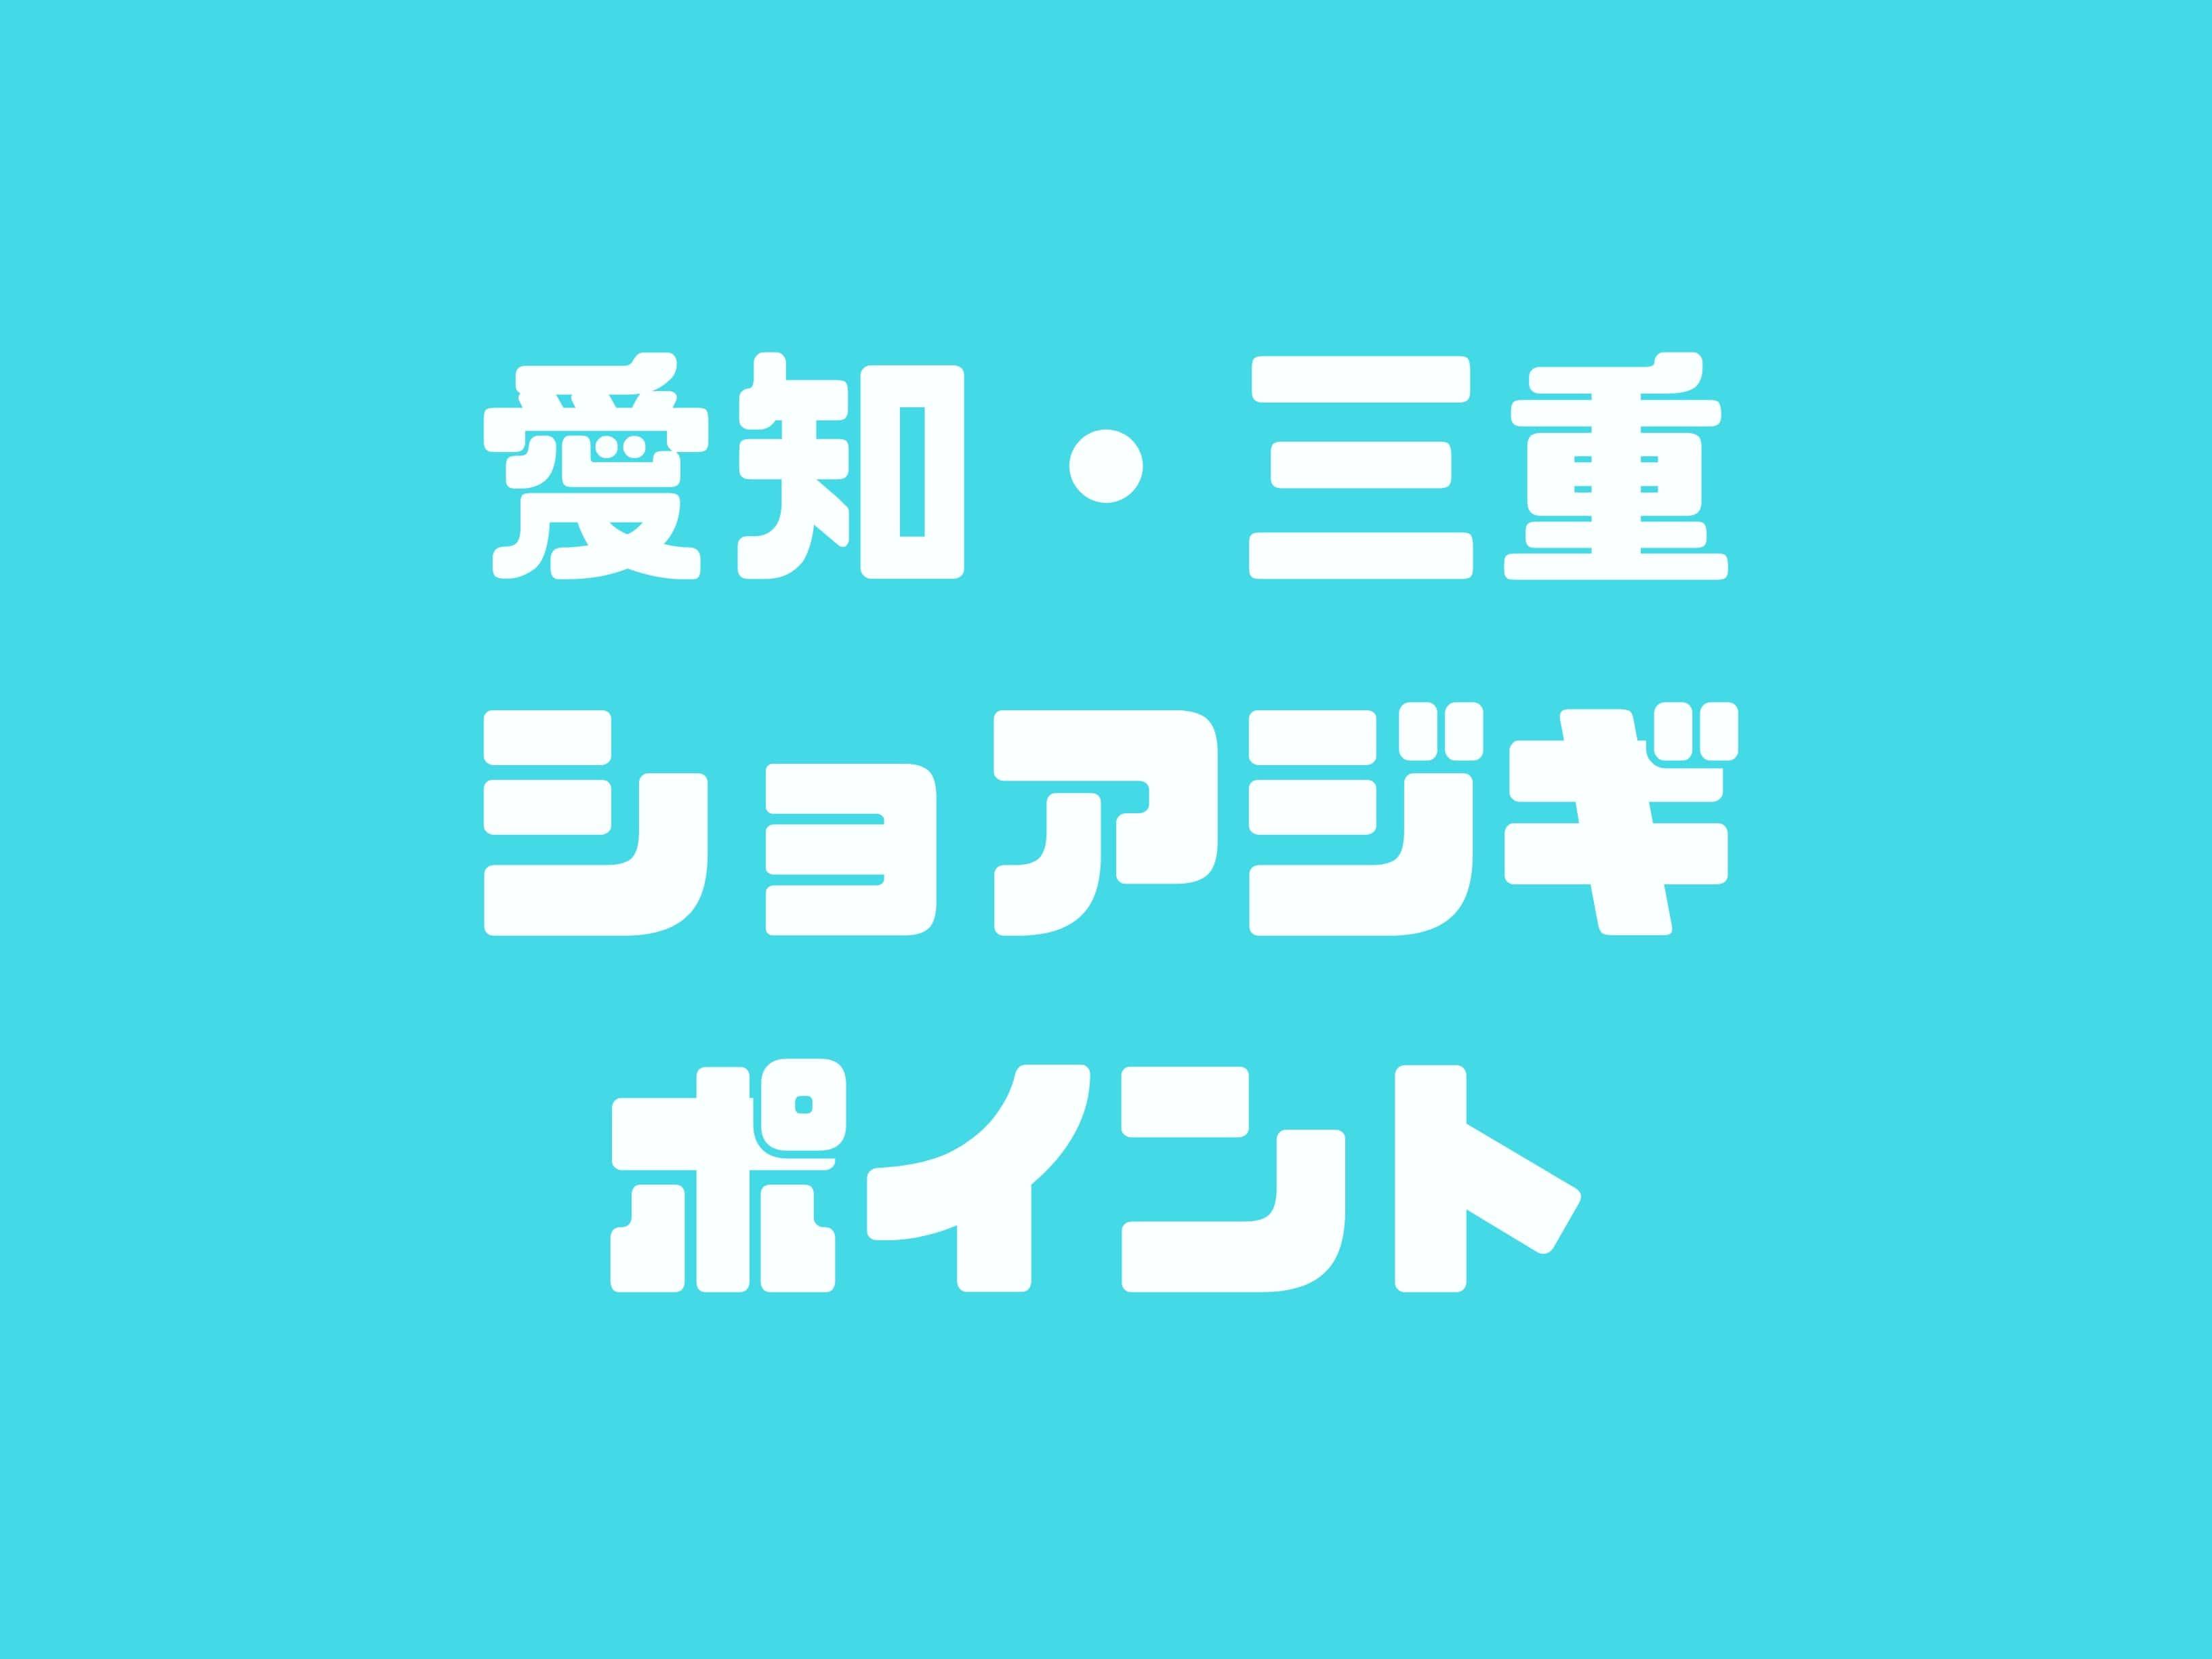 愛知県・三重県でのショアジギングポイント